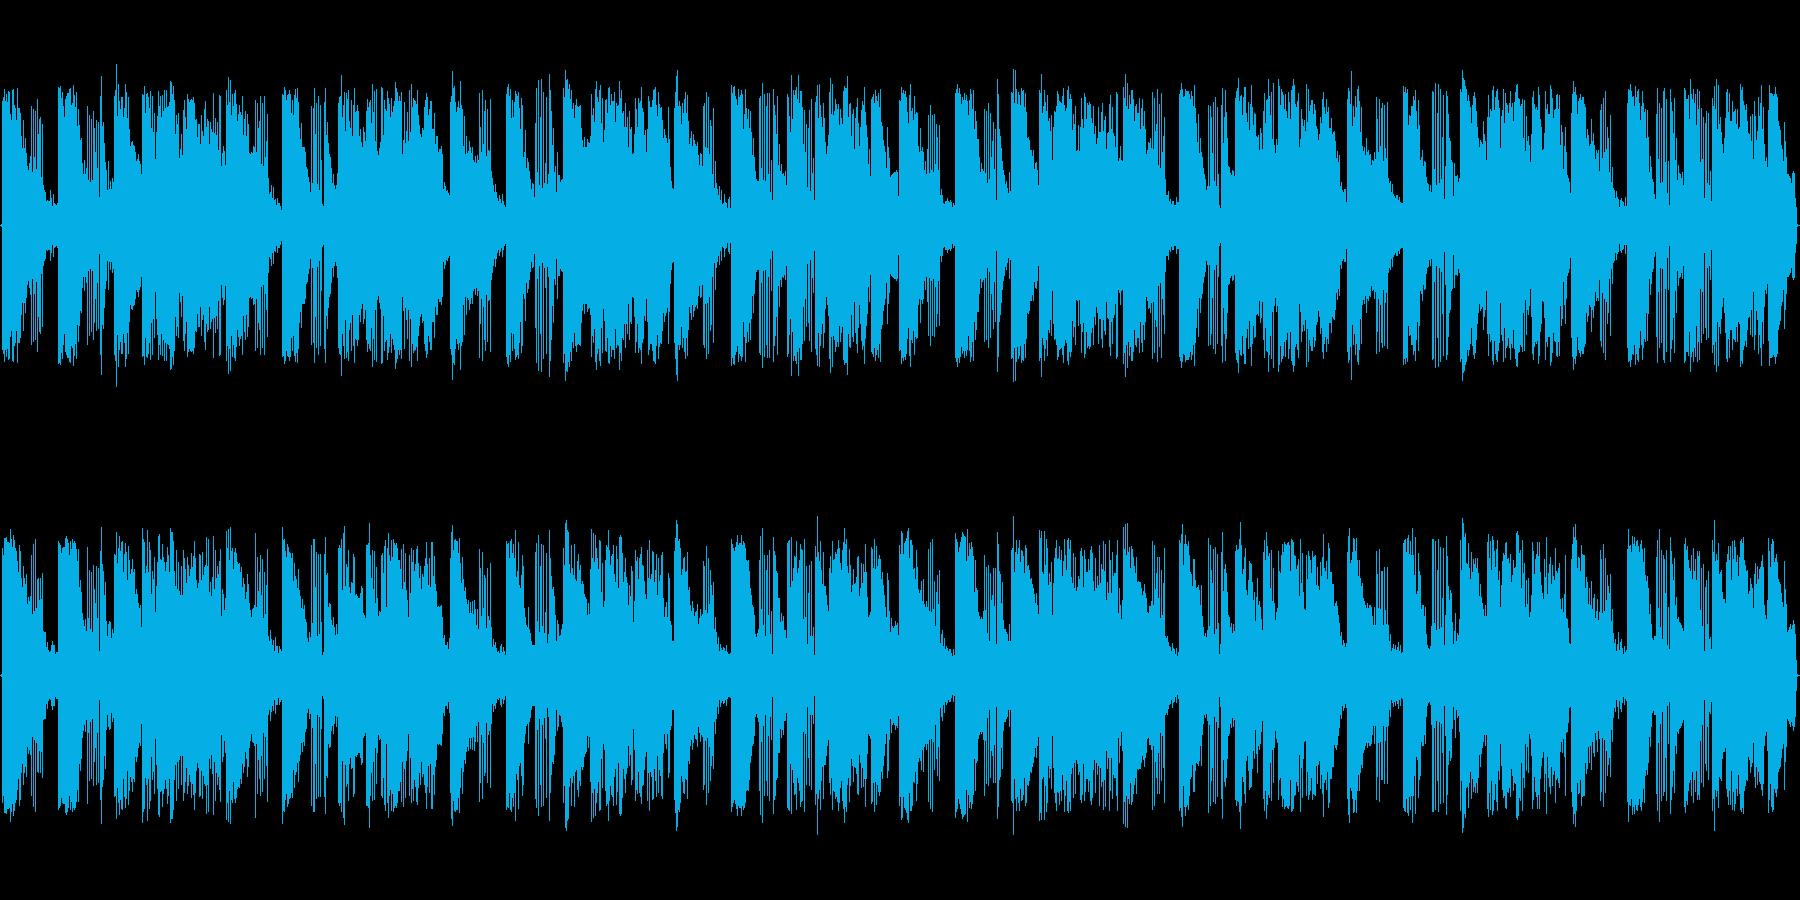 ピアノとブラスによる軽快なBGMの再生済みの波形